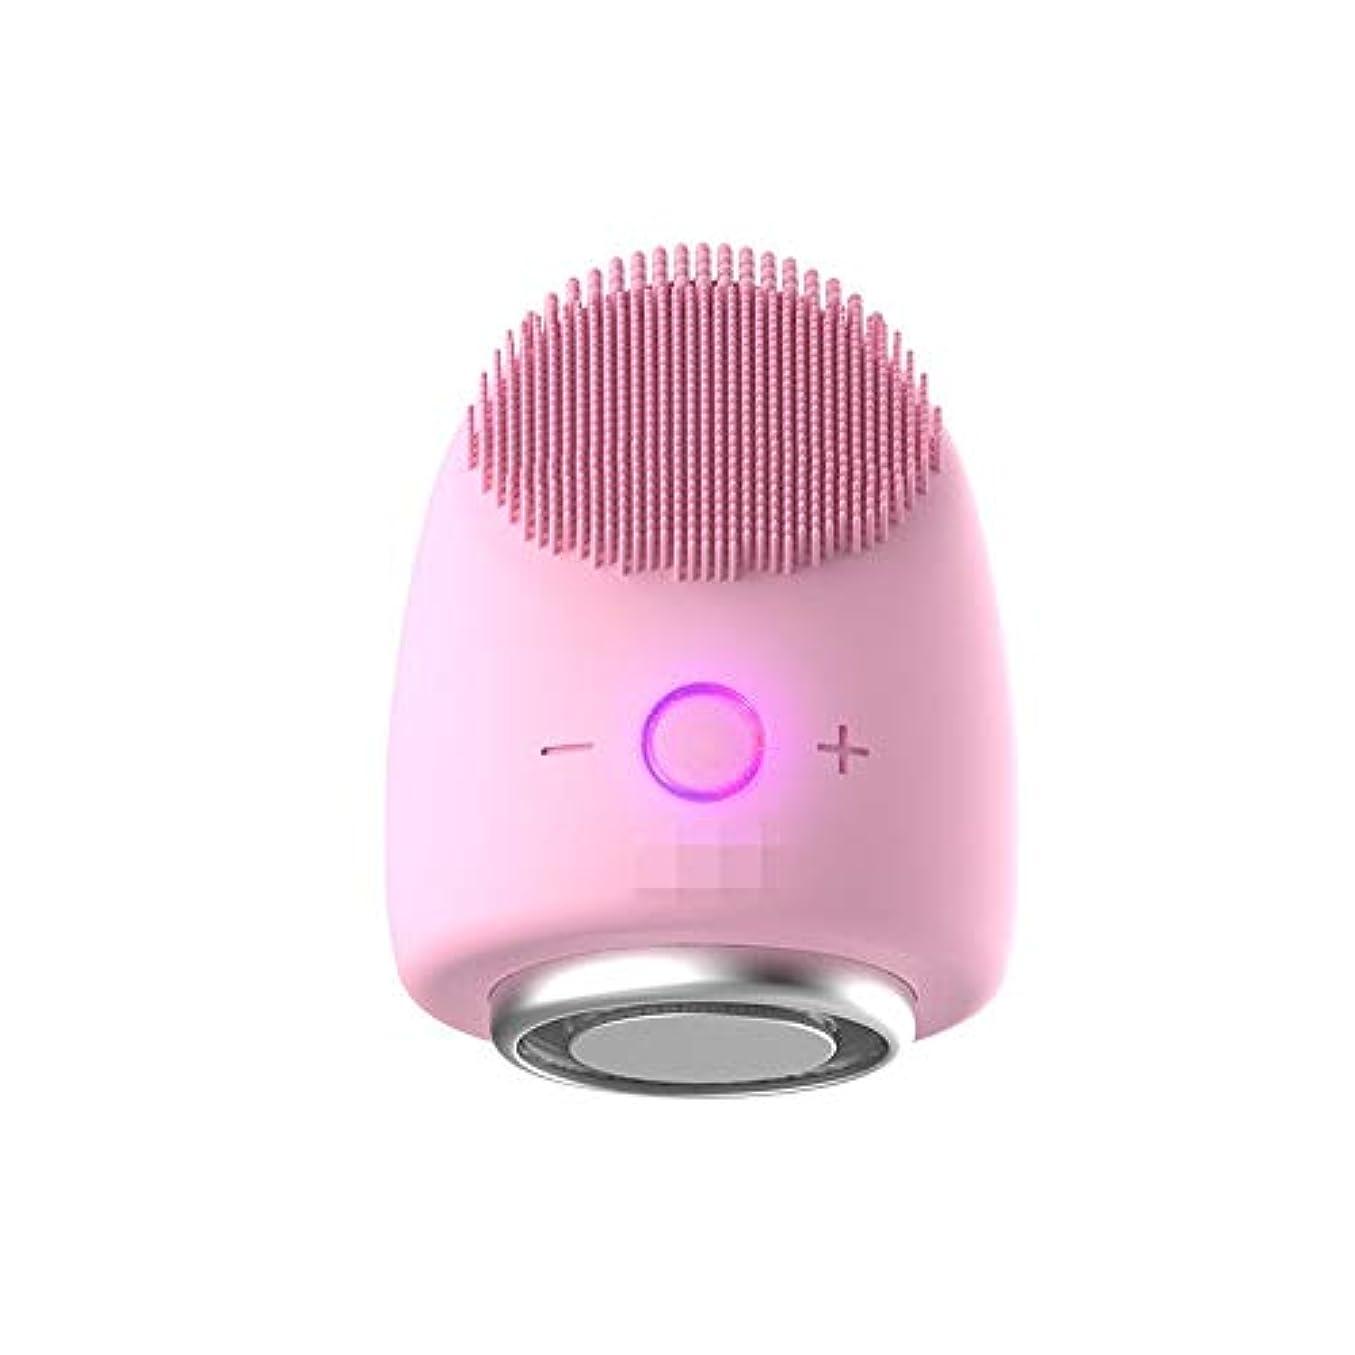 割れ目レパートリー苗Donghechengkang 多機能美容器具洗浄器具導入器具凝縮ホットドレッシング肌活性化器具 (Color : ピンク)